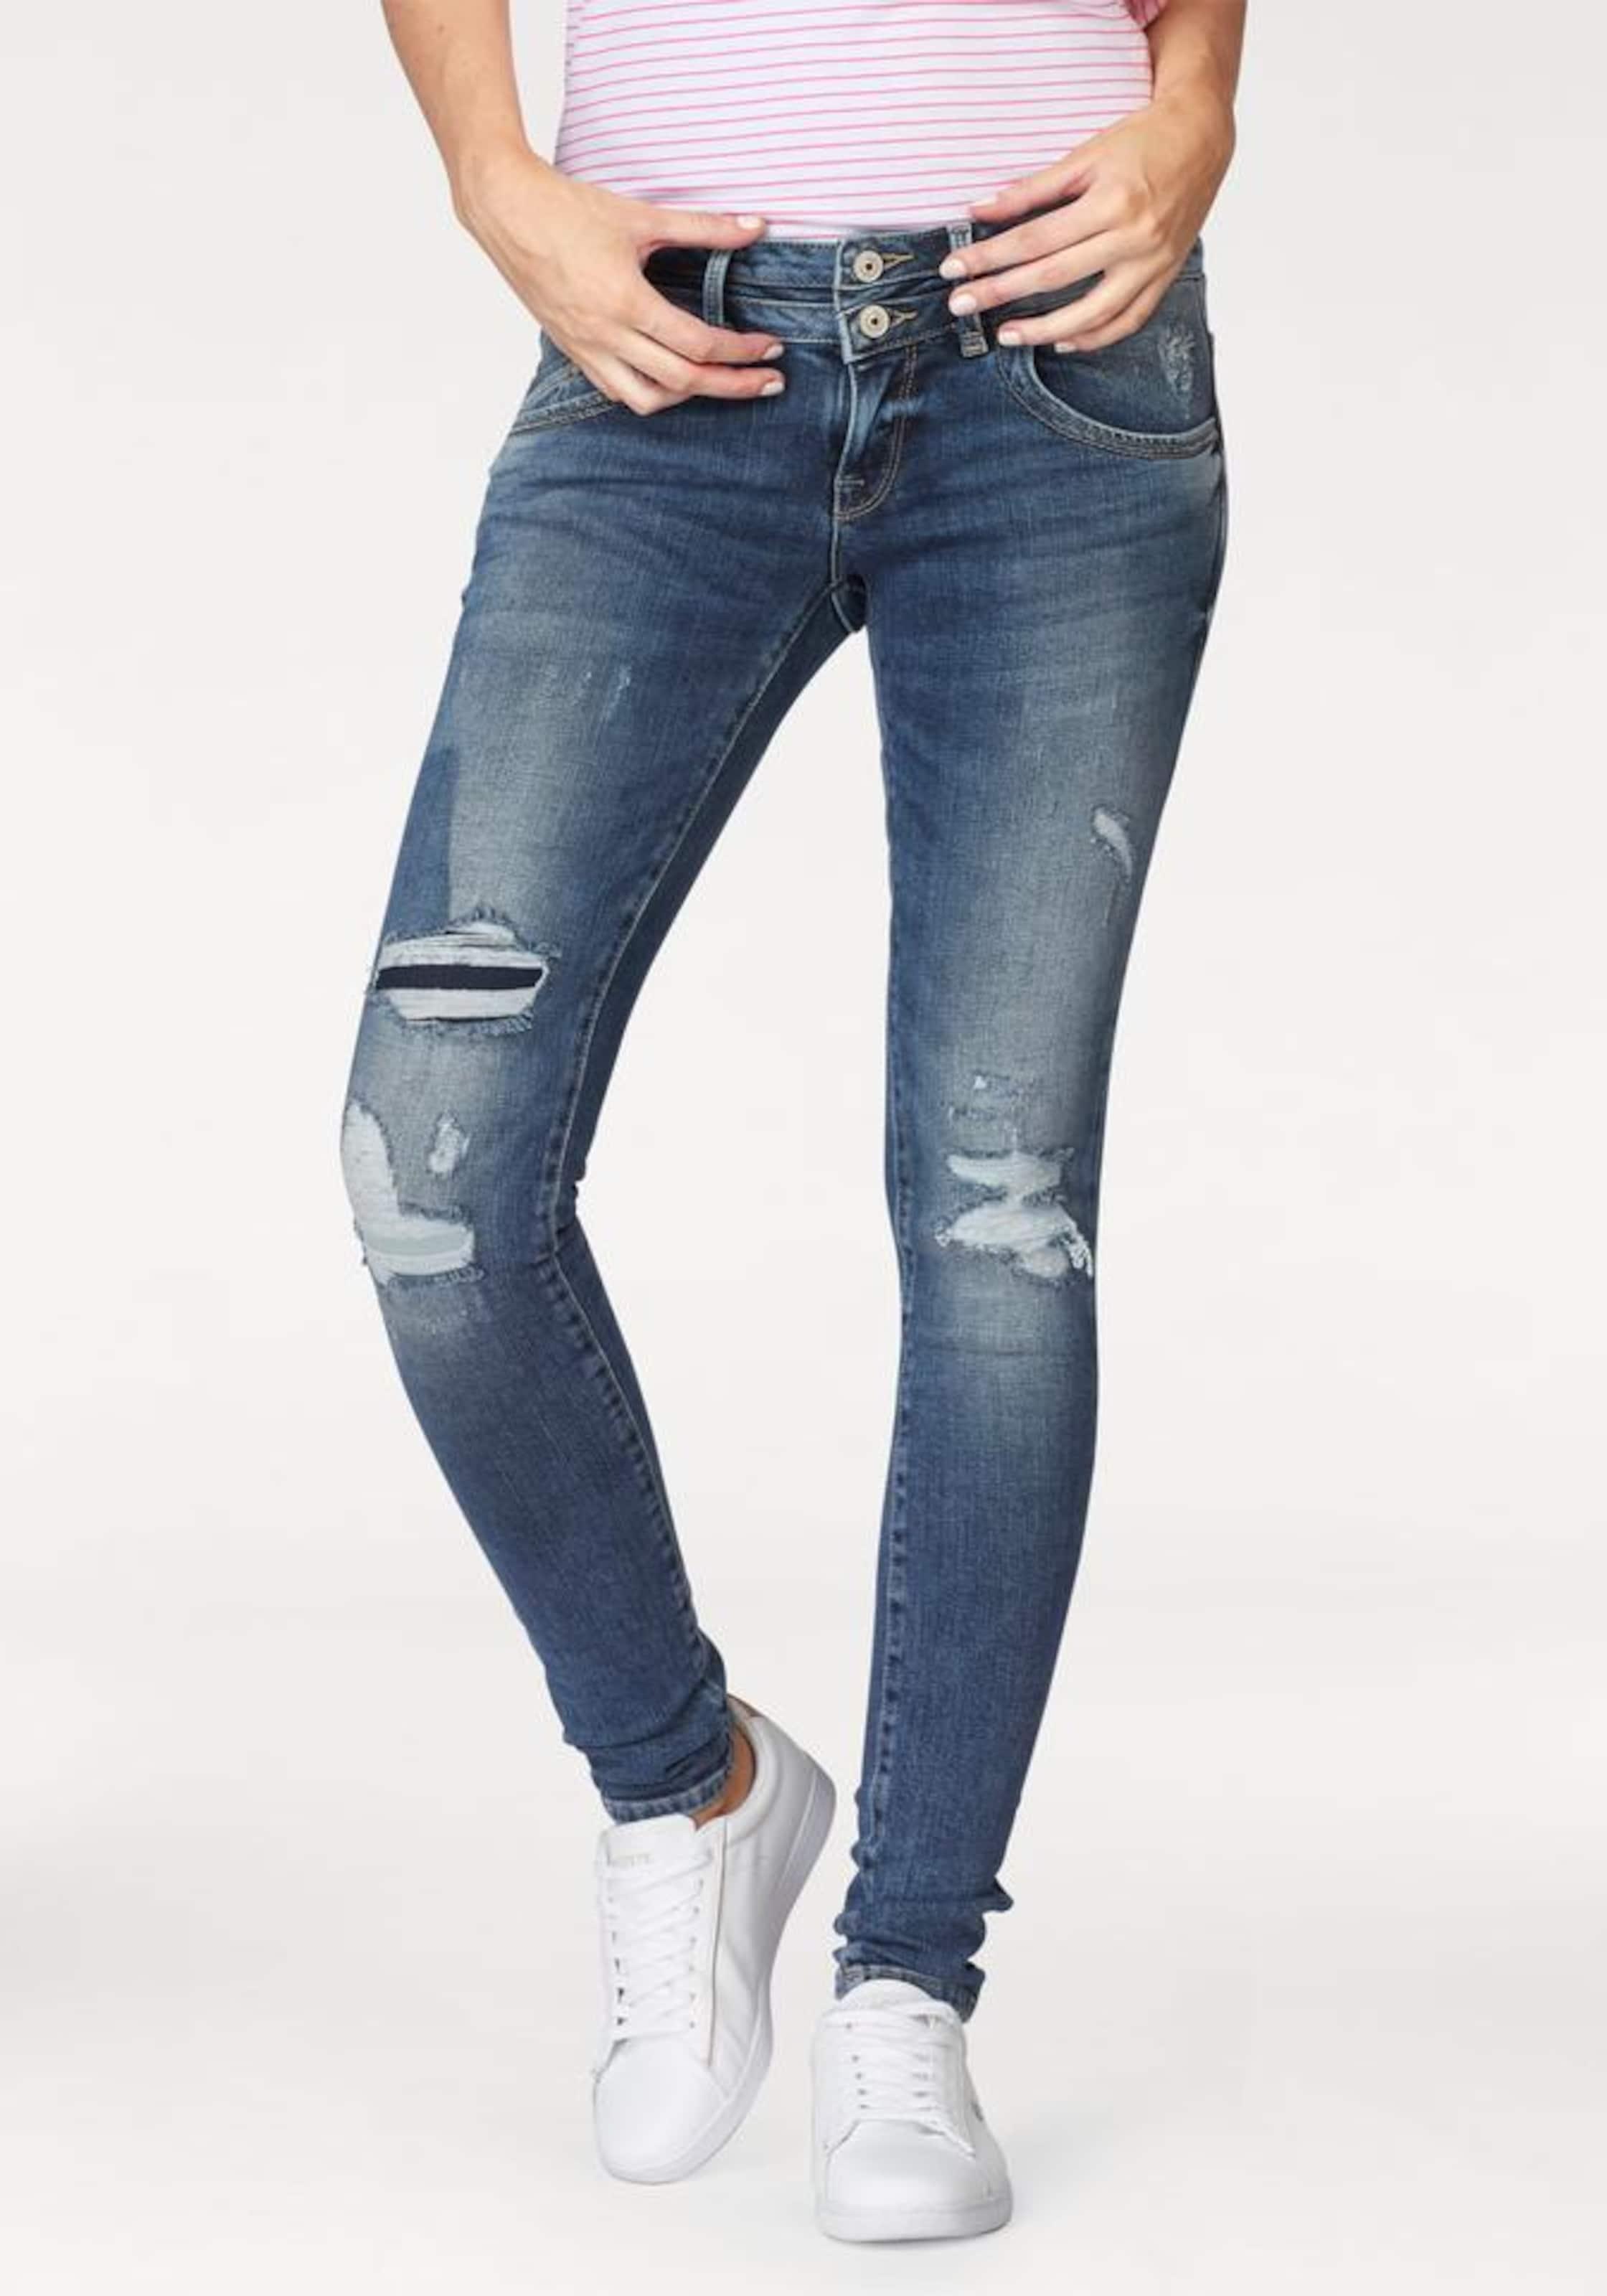 Regular 'JULITA LTB X' LTB LTB 'JULITA X' Jeans Regular Jeans Regular Jeans qxdYwtC7C